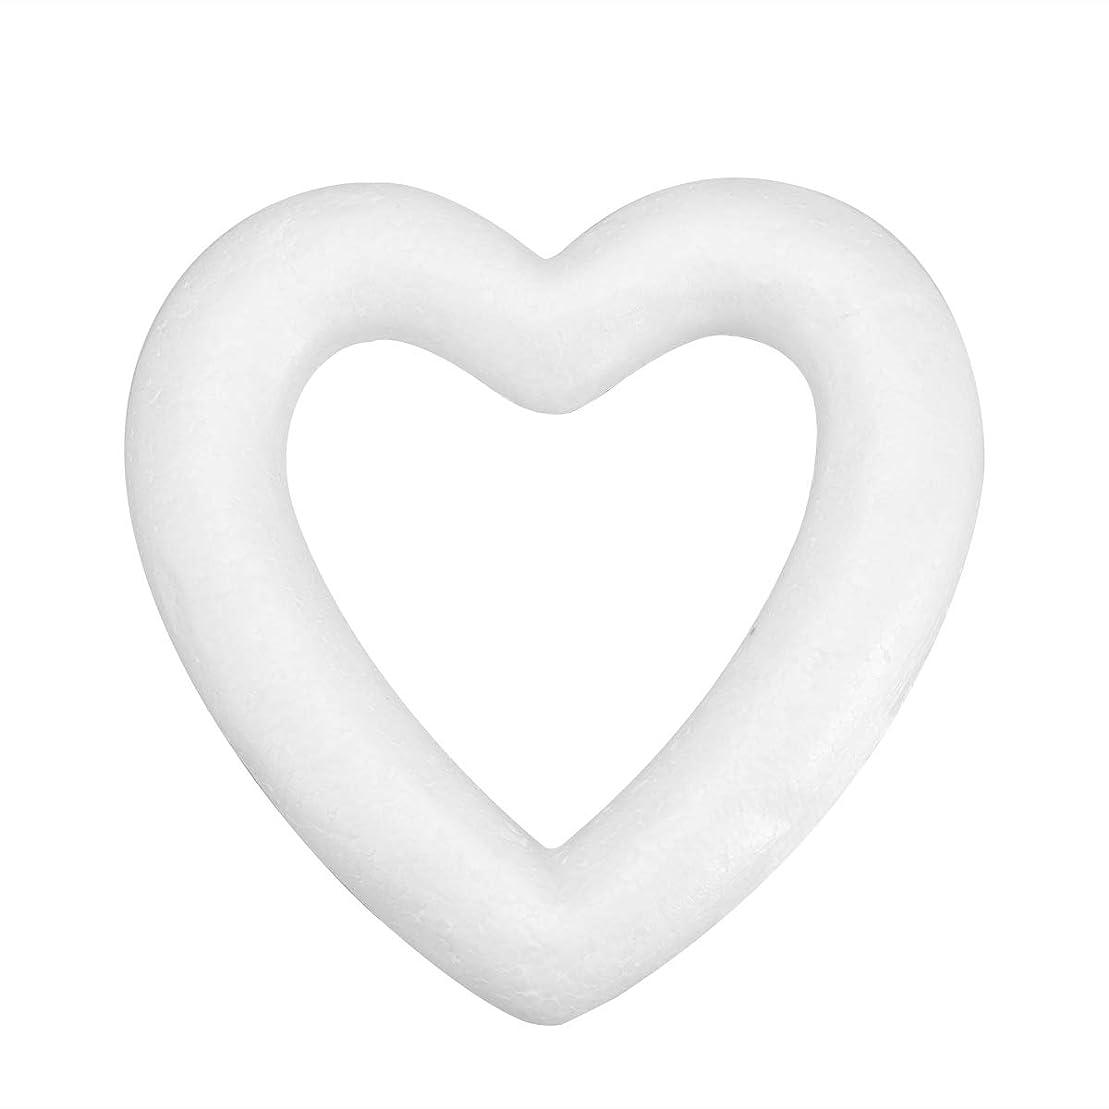 例外池仕事に行くAmosfun 白モデリング泡中空愛ハートポリスチレンフォームdiyクラフトモデリング泡誕生日ギフトのおもちゃ